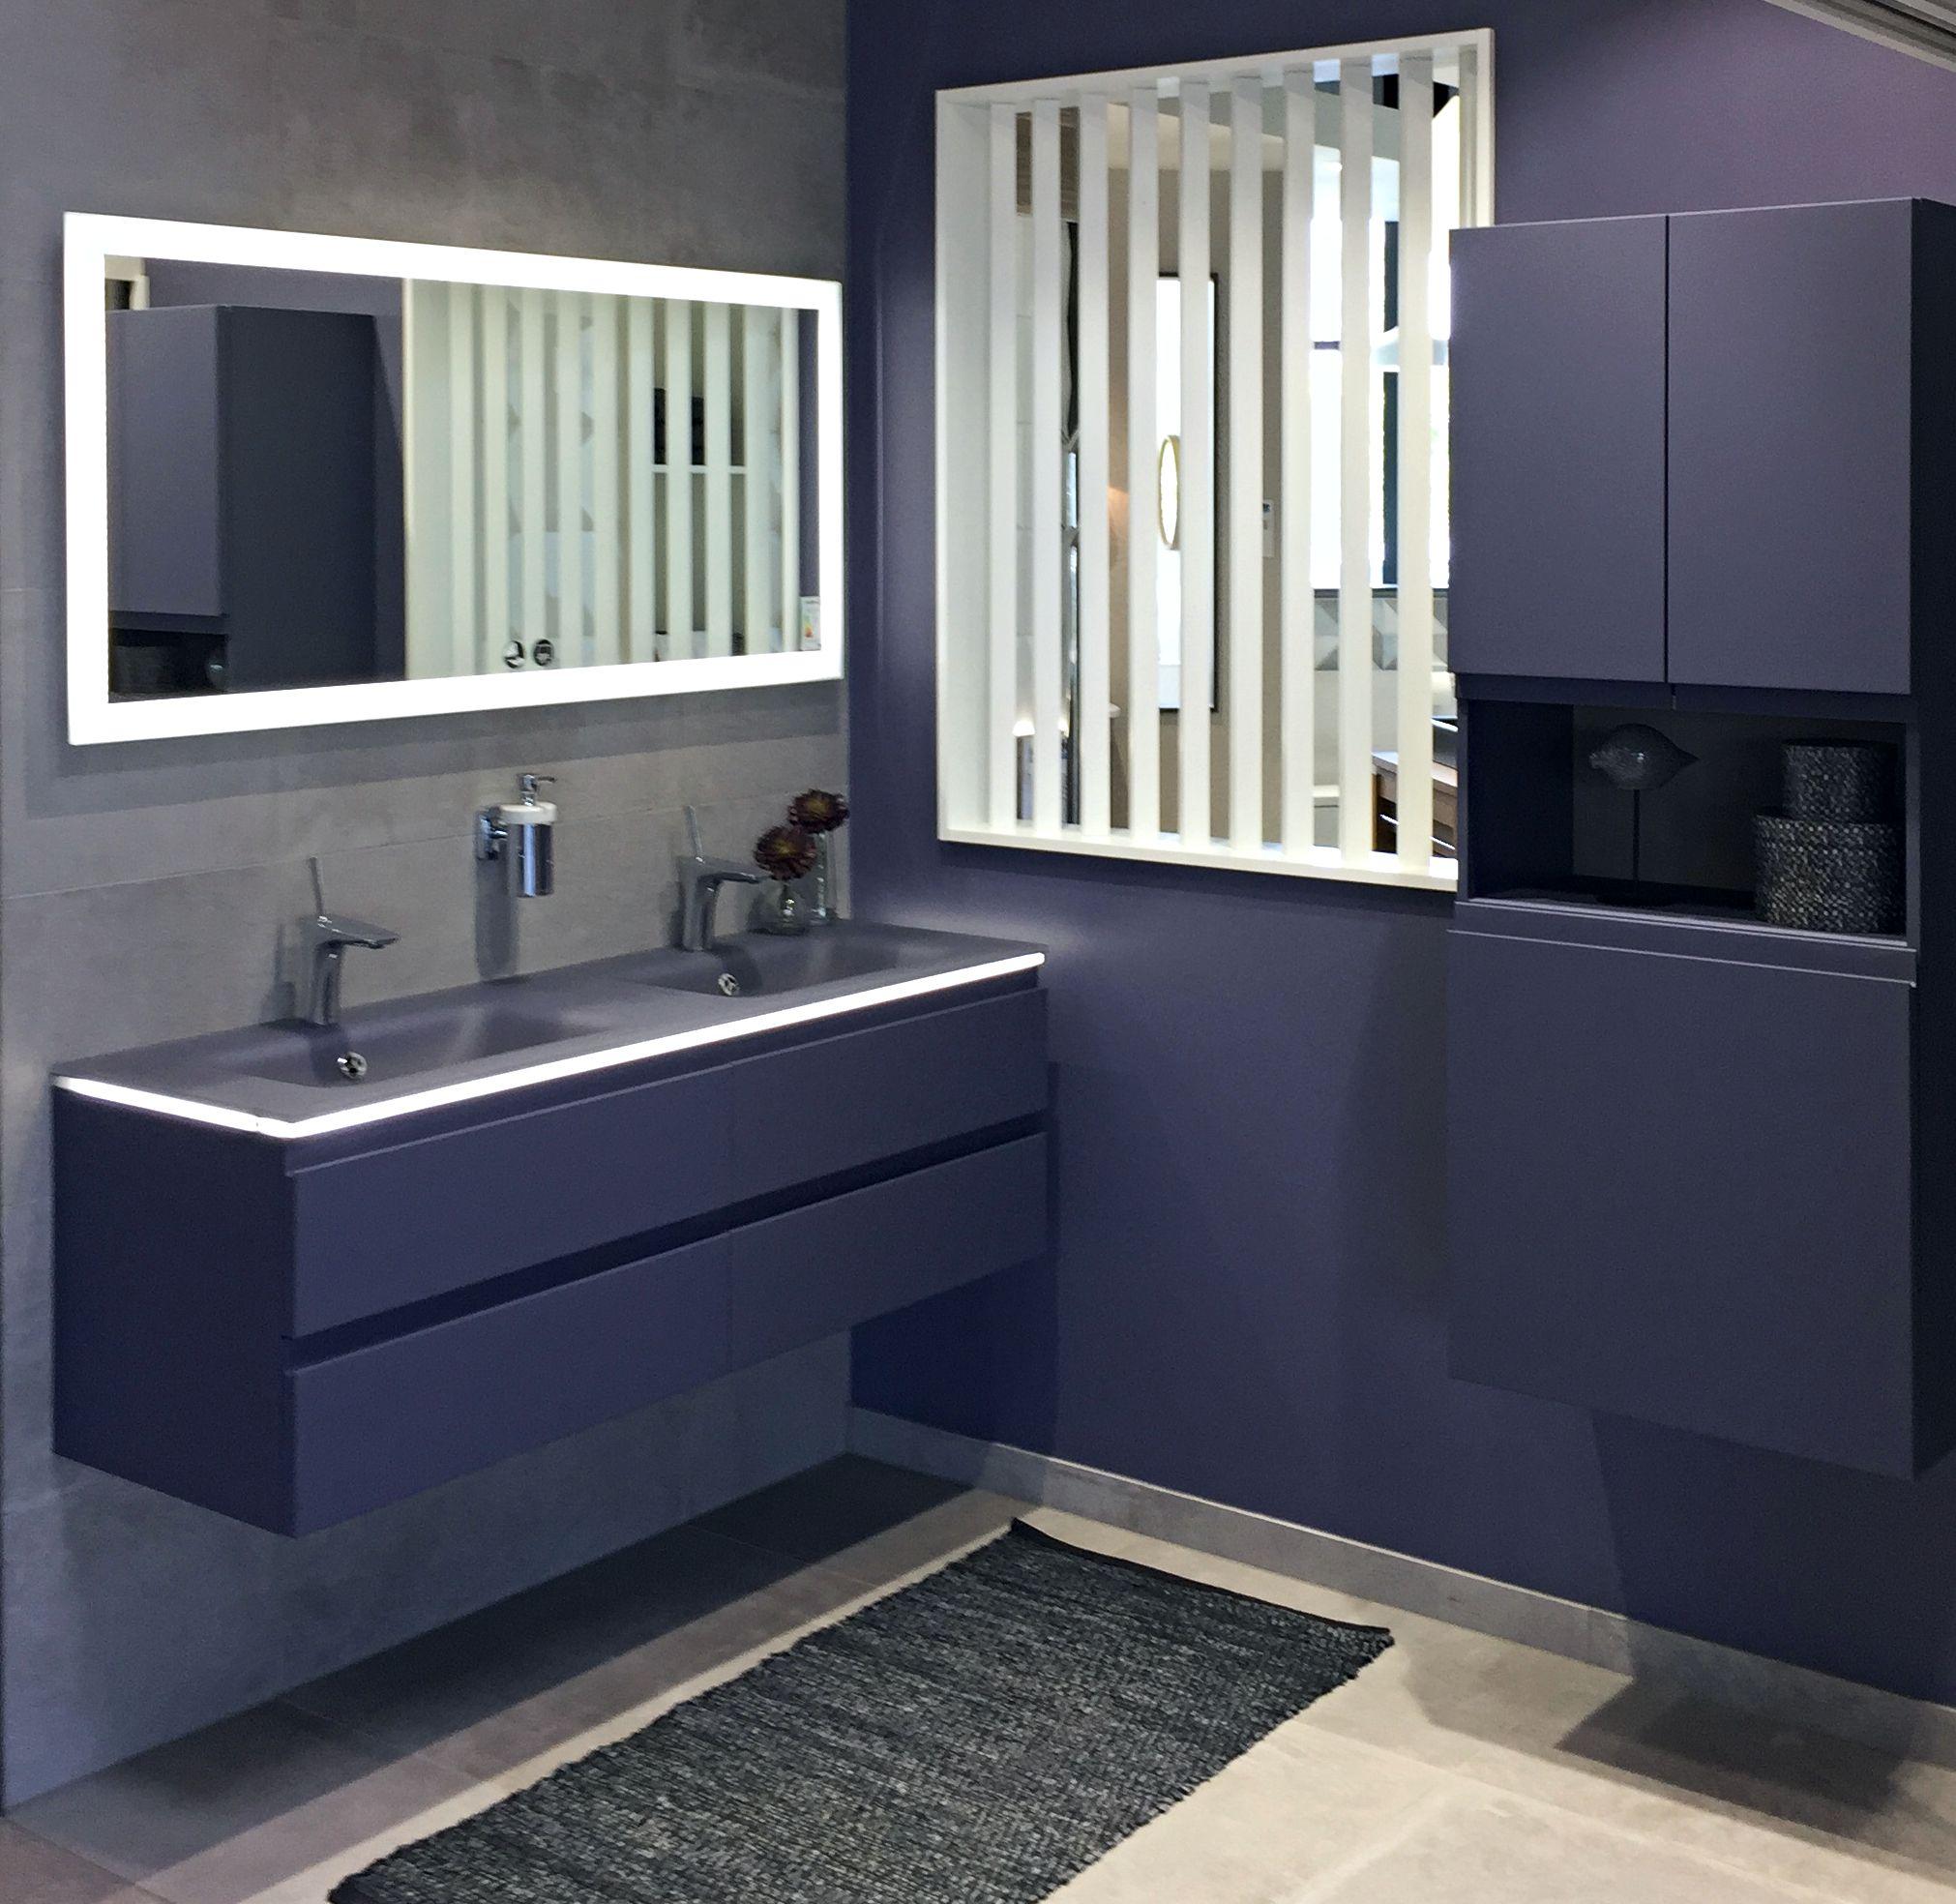 Salle De Bain Bleue Meuble De Salle De Bain Idee Salle De Bain Meuble Double Vasque